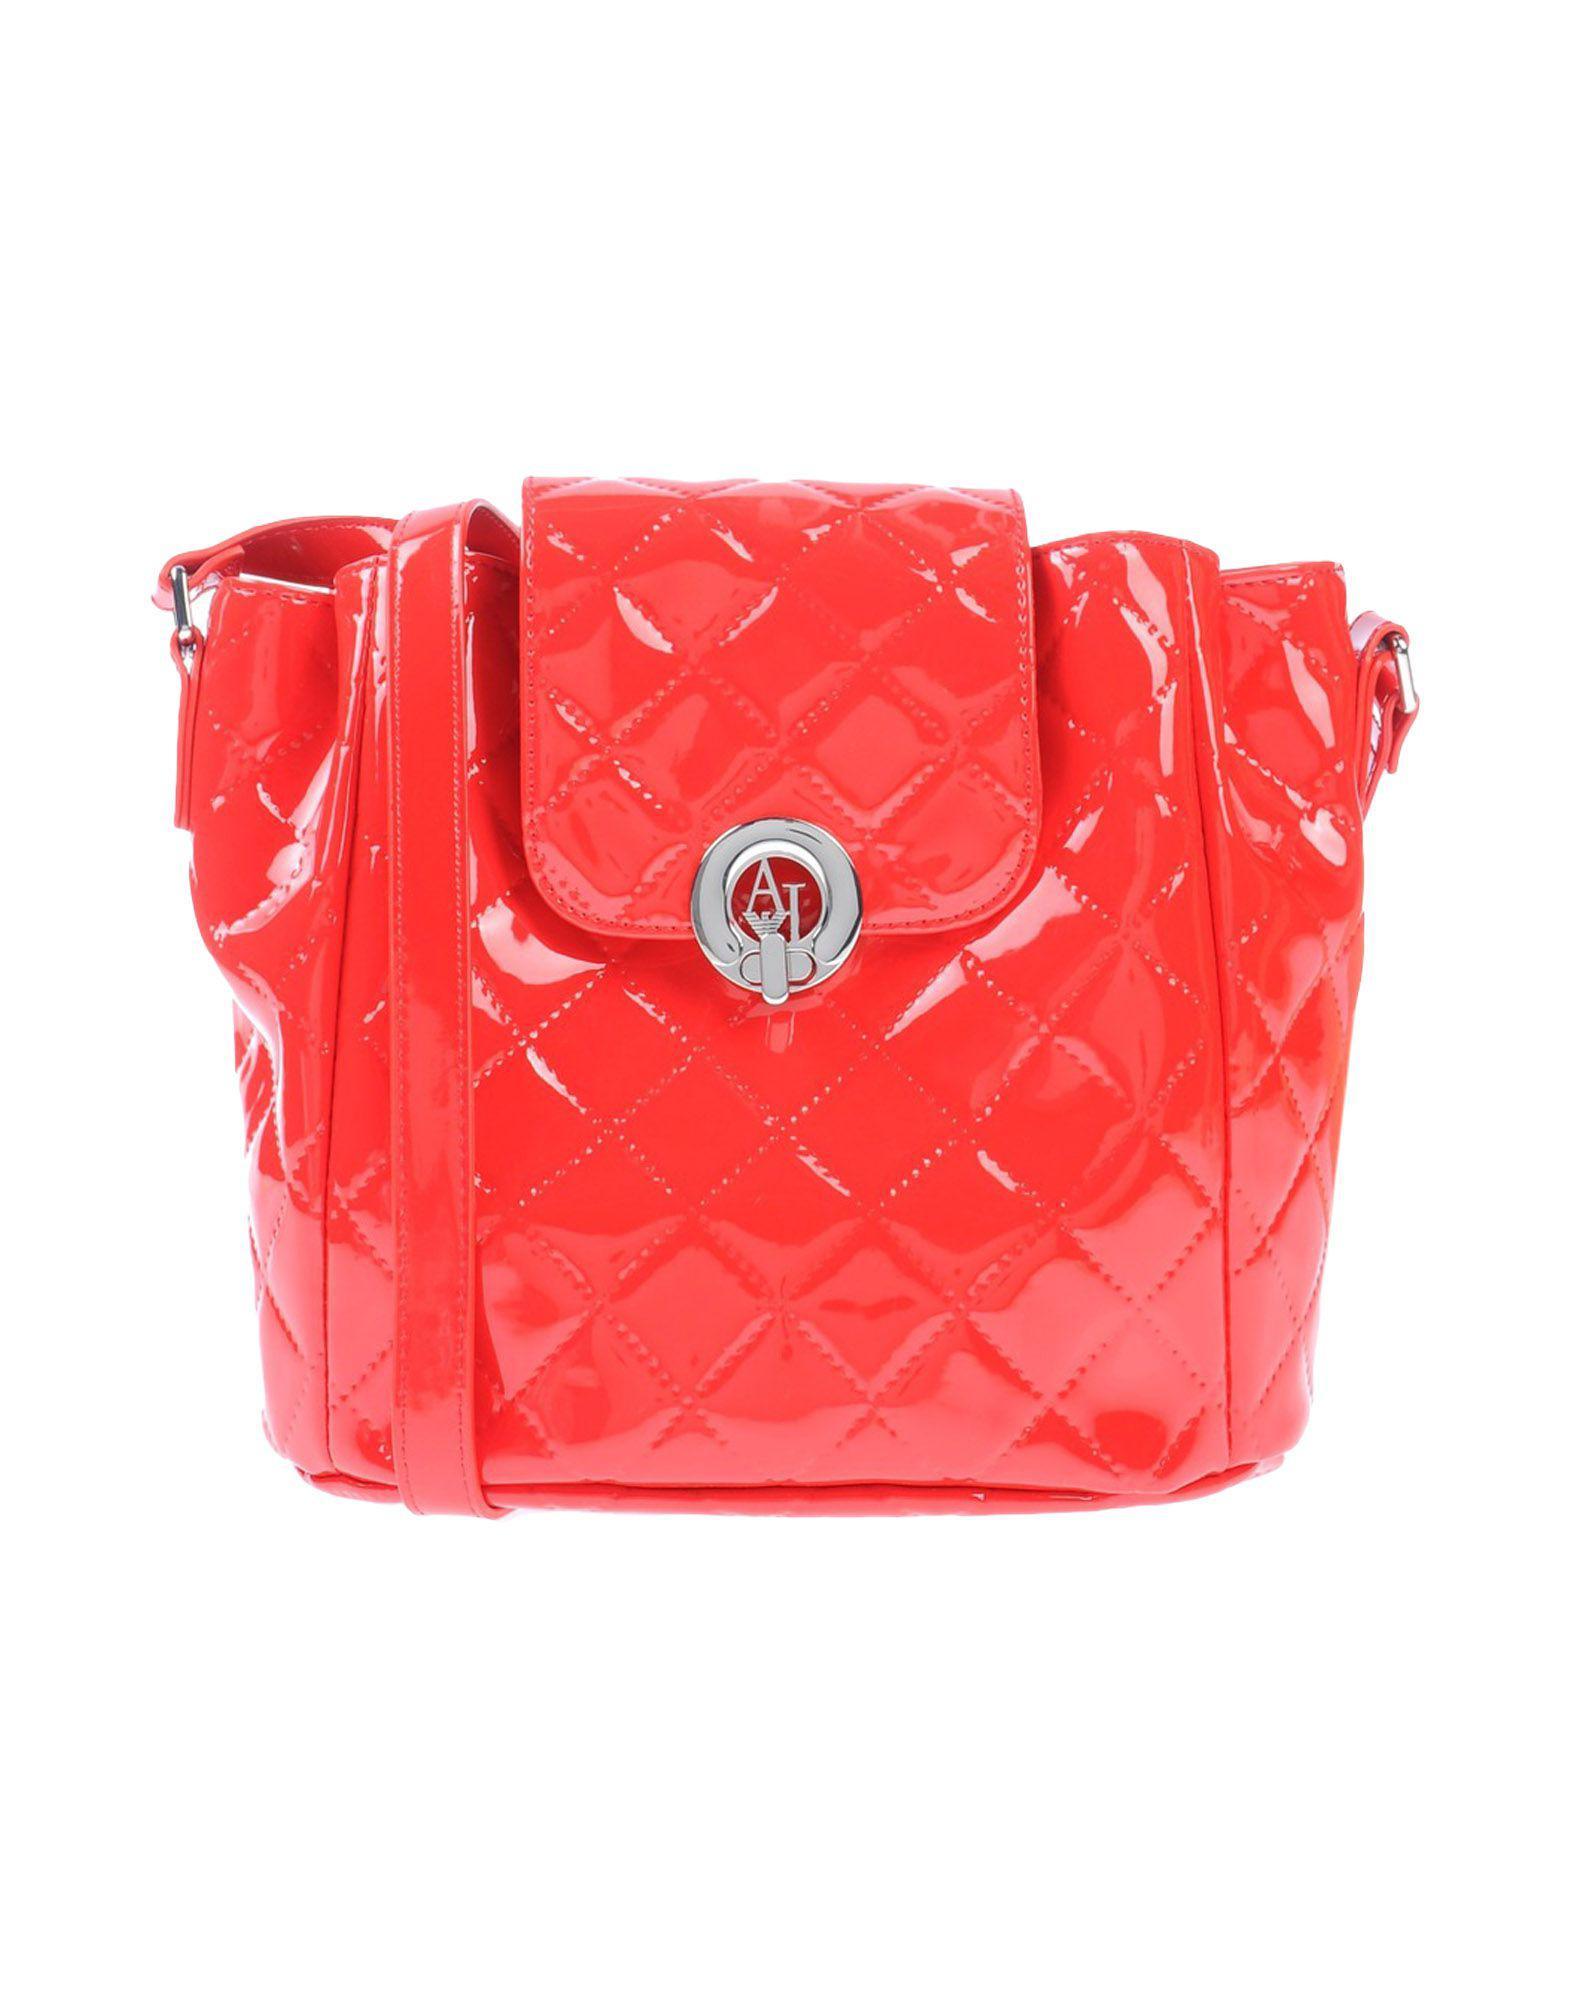 Lyst - Sacs Bandoulière Armani Jeans en coloris Rouge 0a6b9fd04312